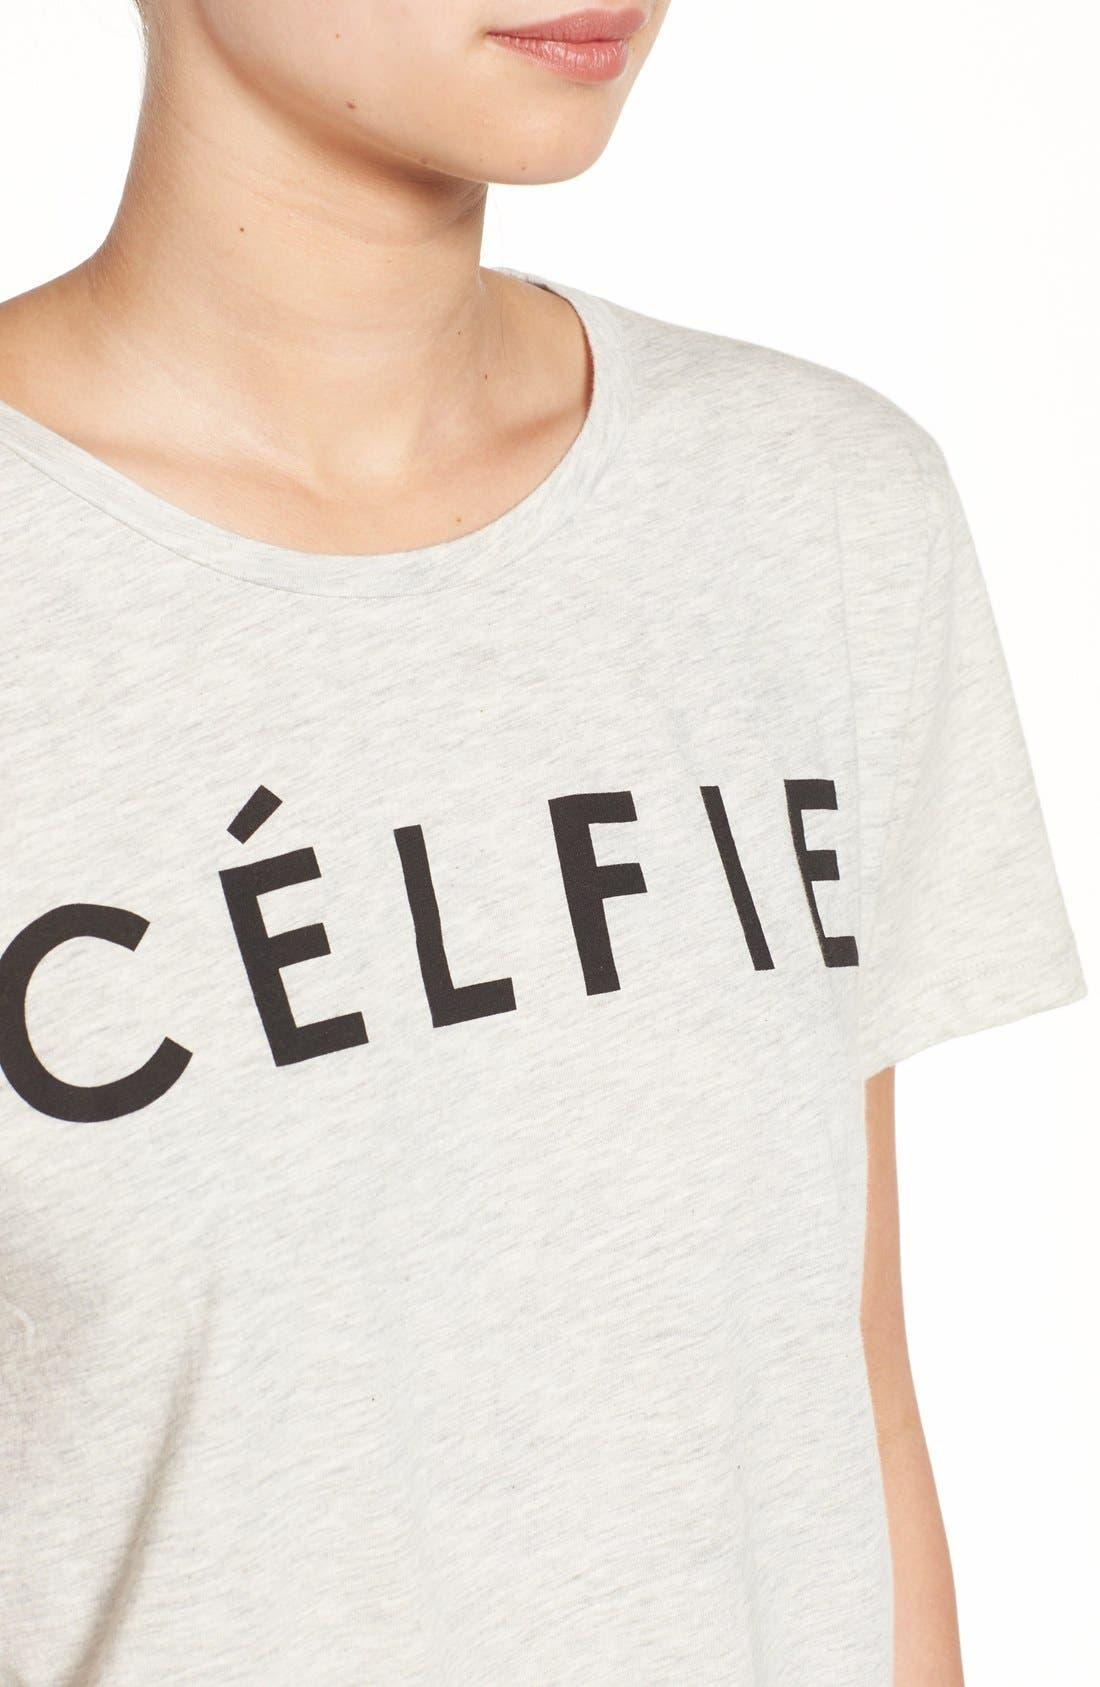 ,                             'Célfie' Graphic Tee,                             Alternate thumbnail 11, color,                             020